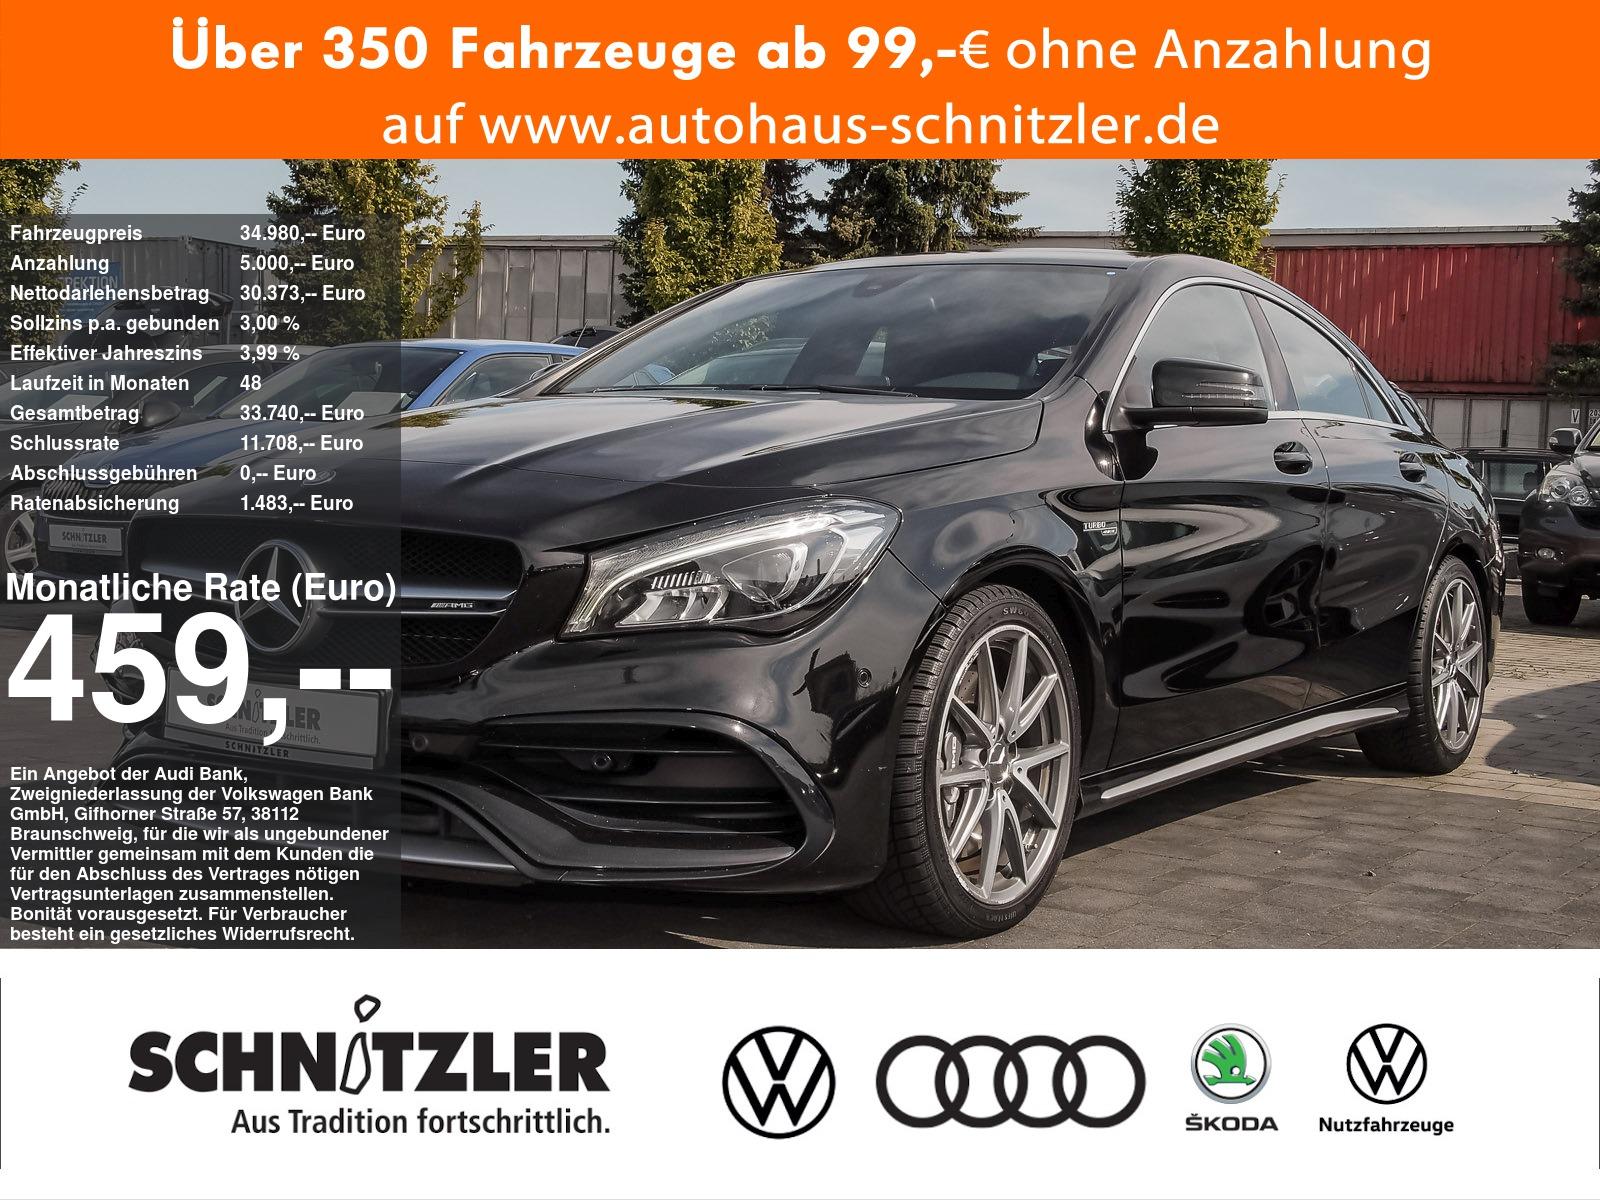 Mercedes-Benz CLA 45 AMG 4Matic ***Garantie***, Jahr 2016, Benzin